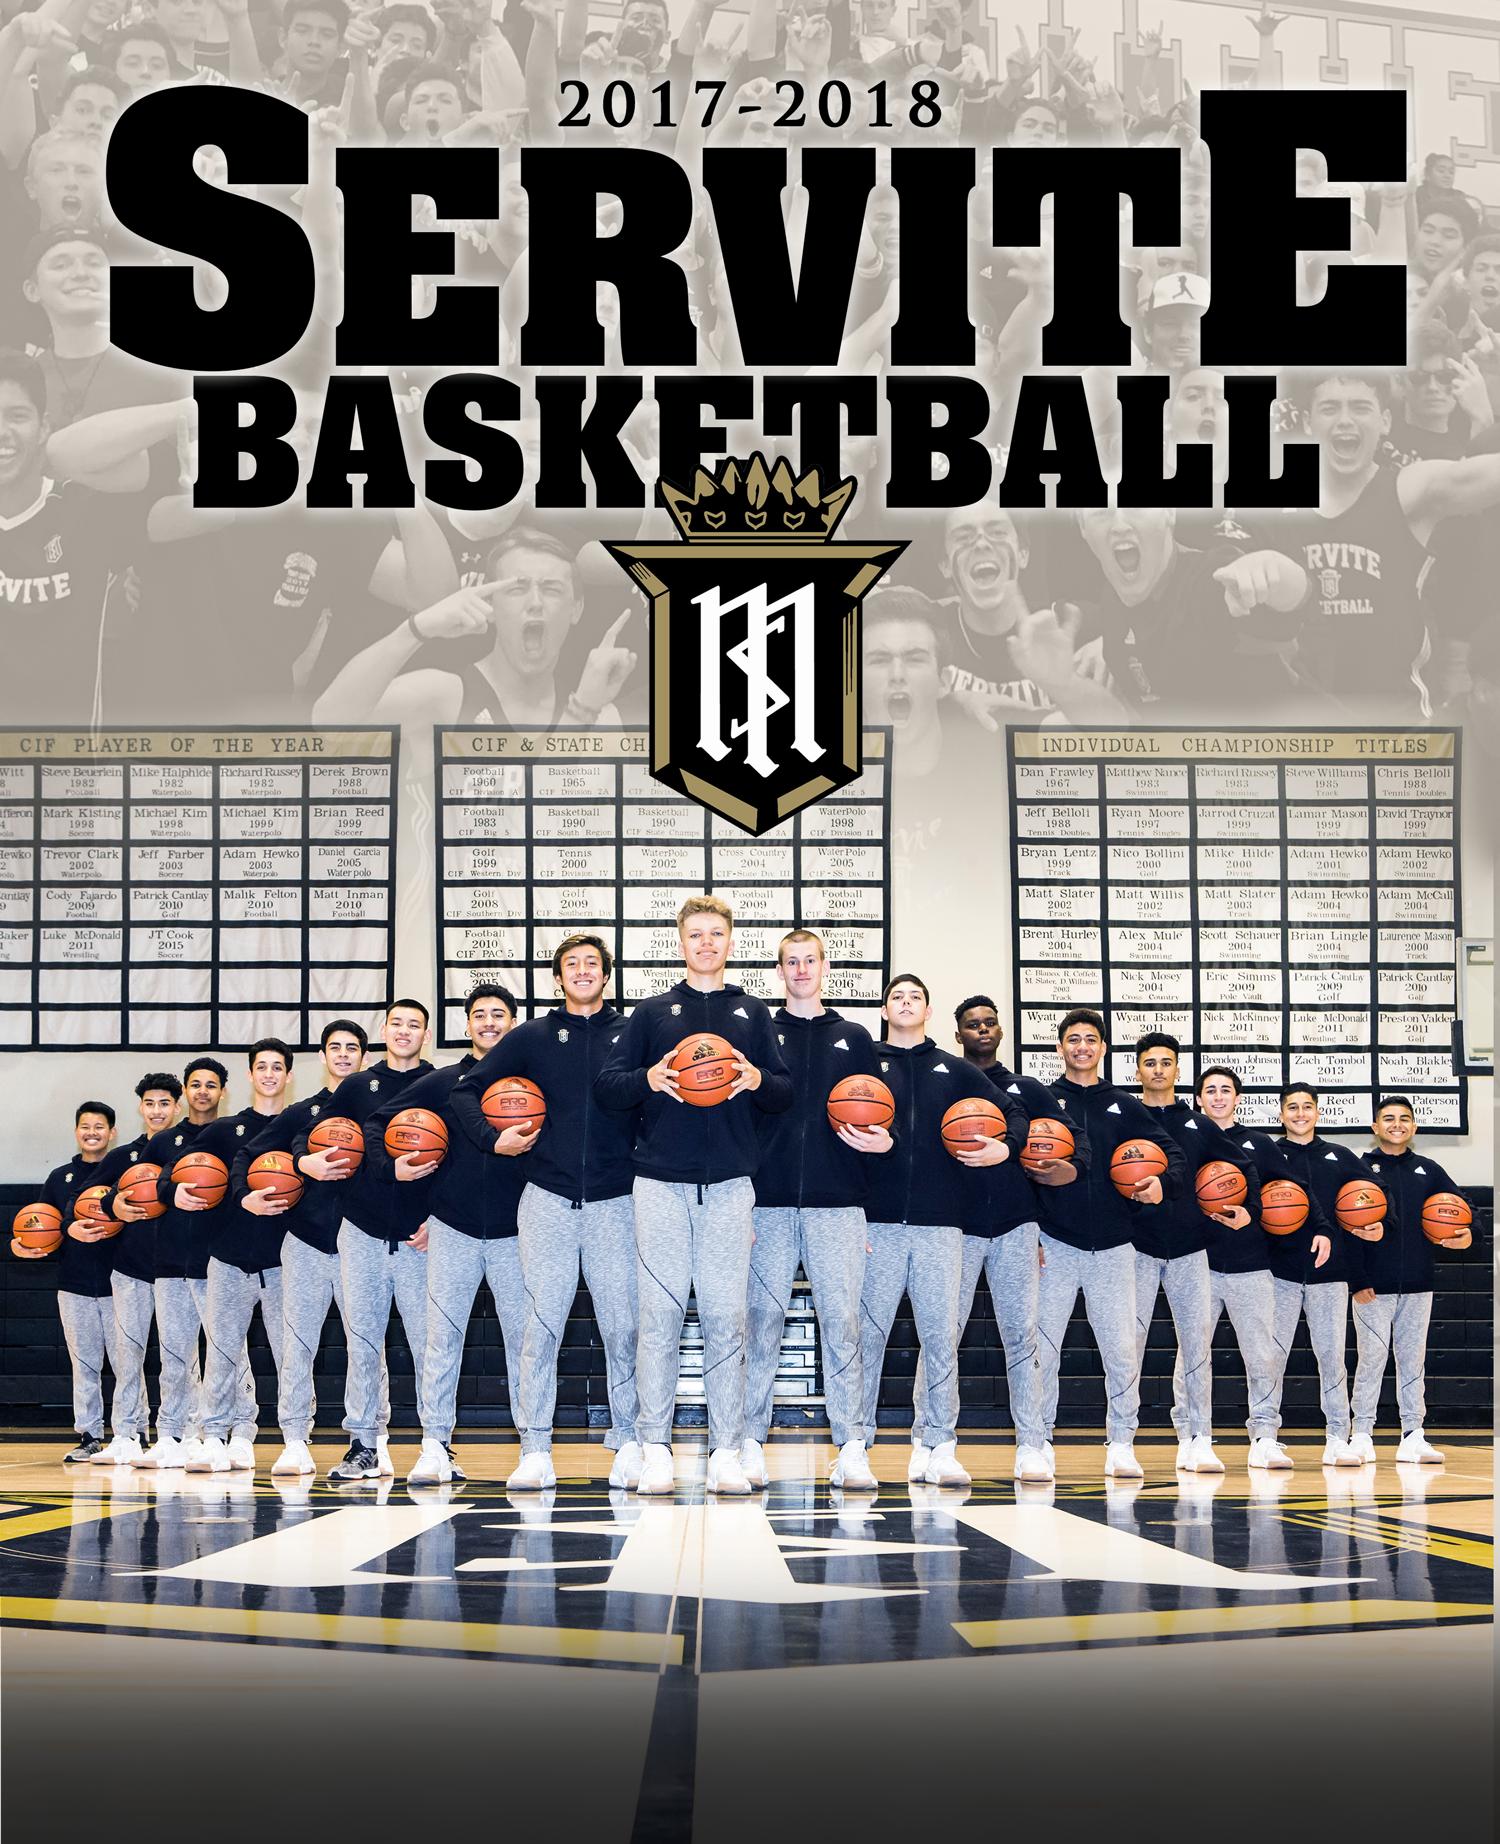 Servite_Cover-_Basketball_2018